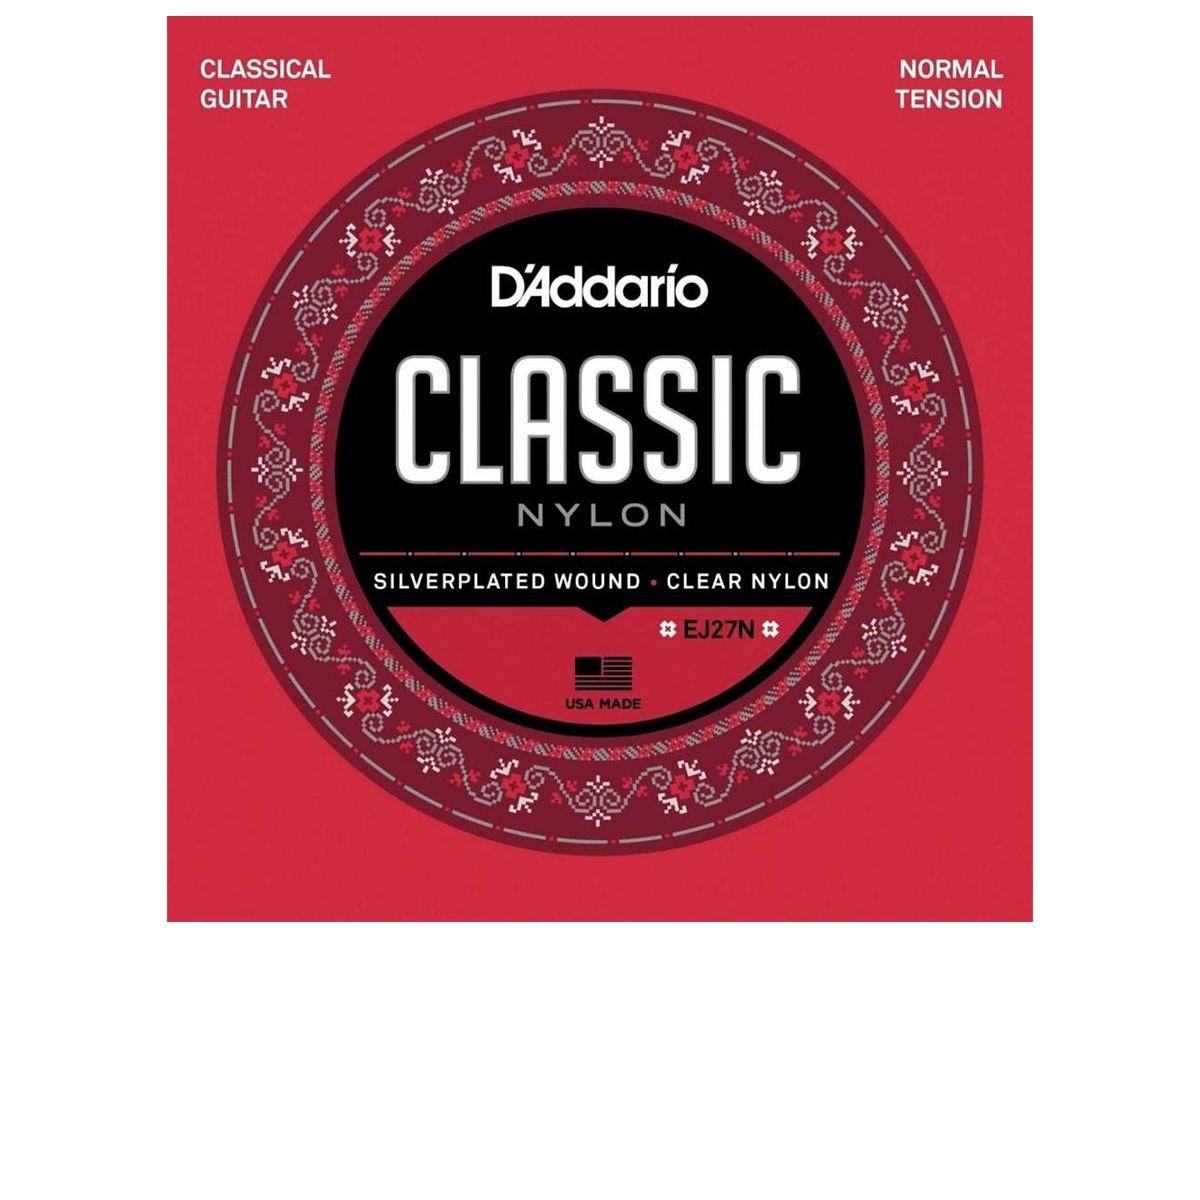 Encordoamento de Violão Nylon D'Addario Classic